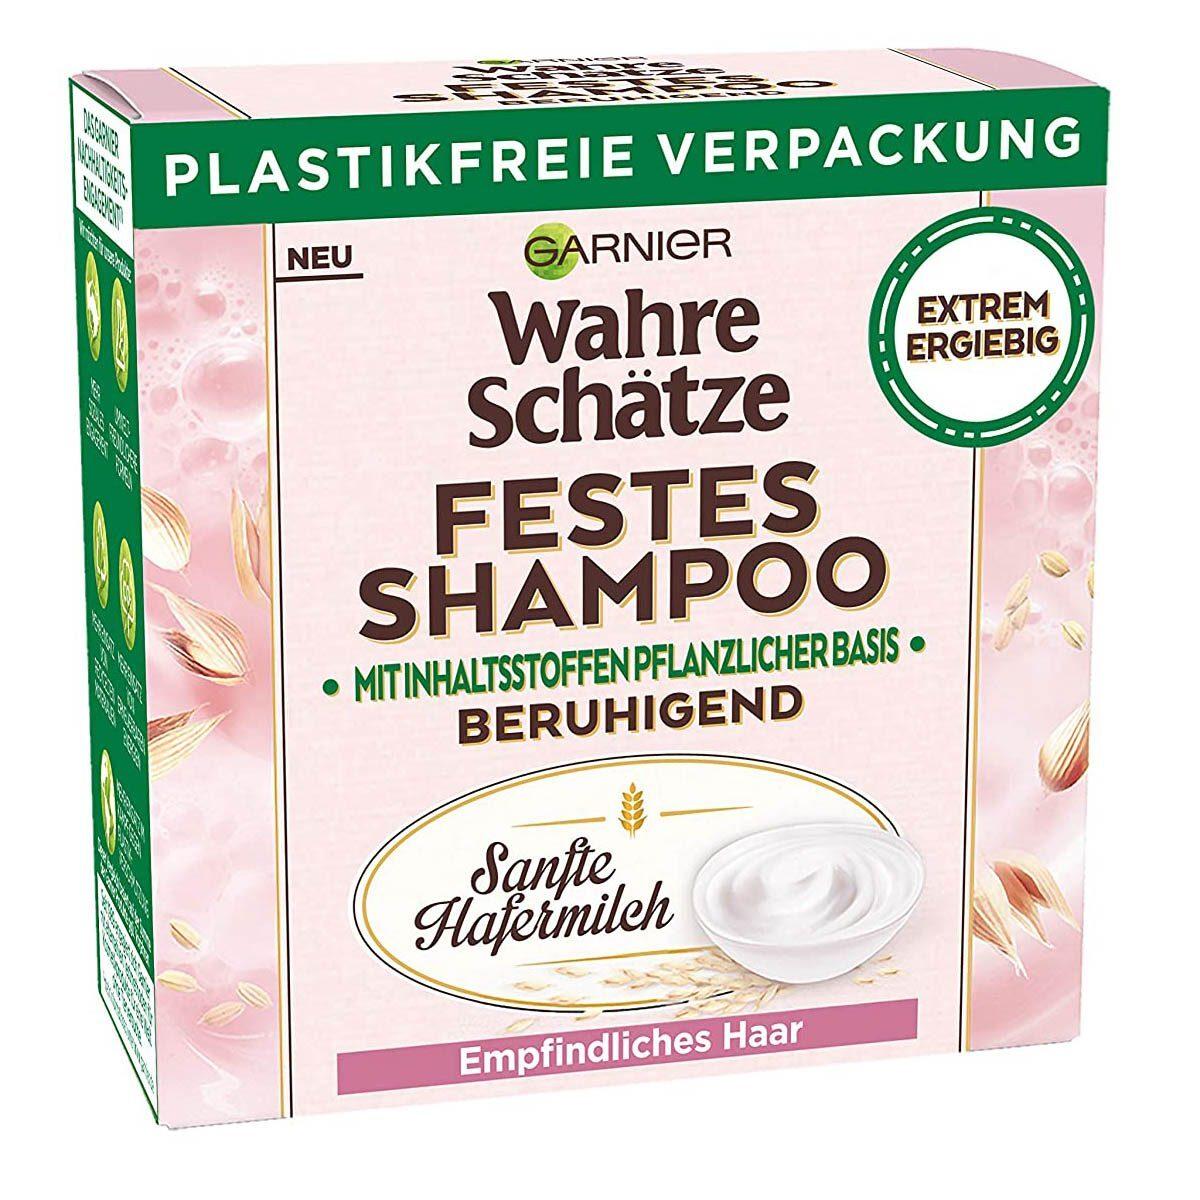 Garnier Wahre Schätze Festes Shampoo Sanfte Hafermilch für empfindliches Haar